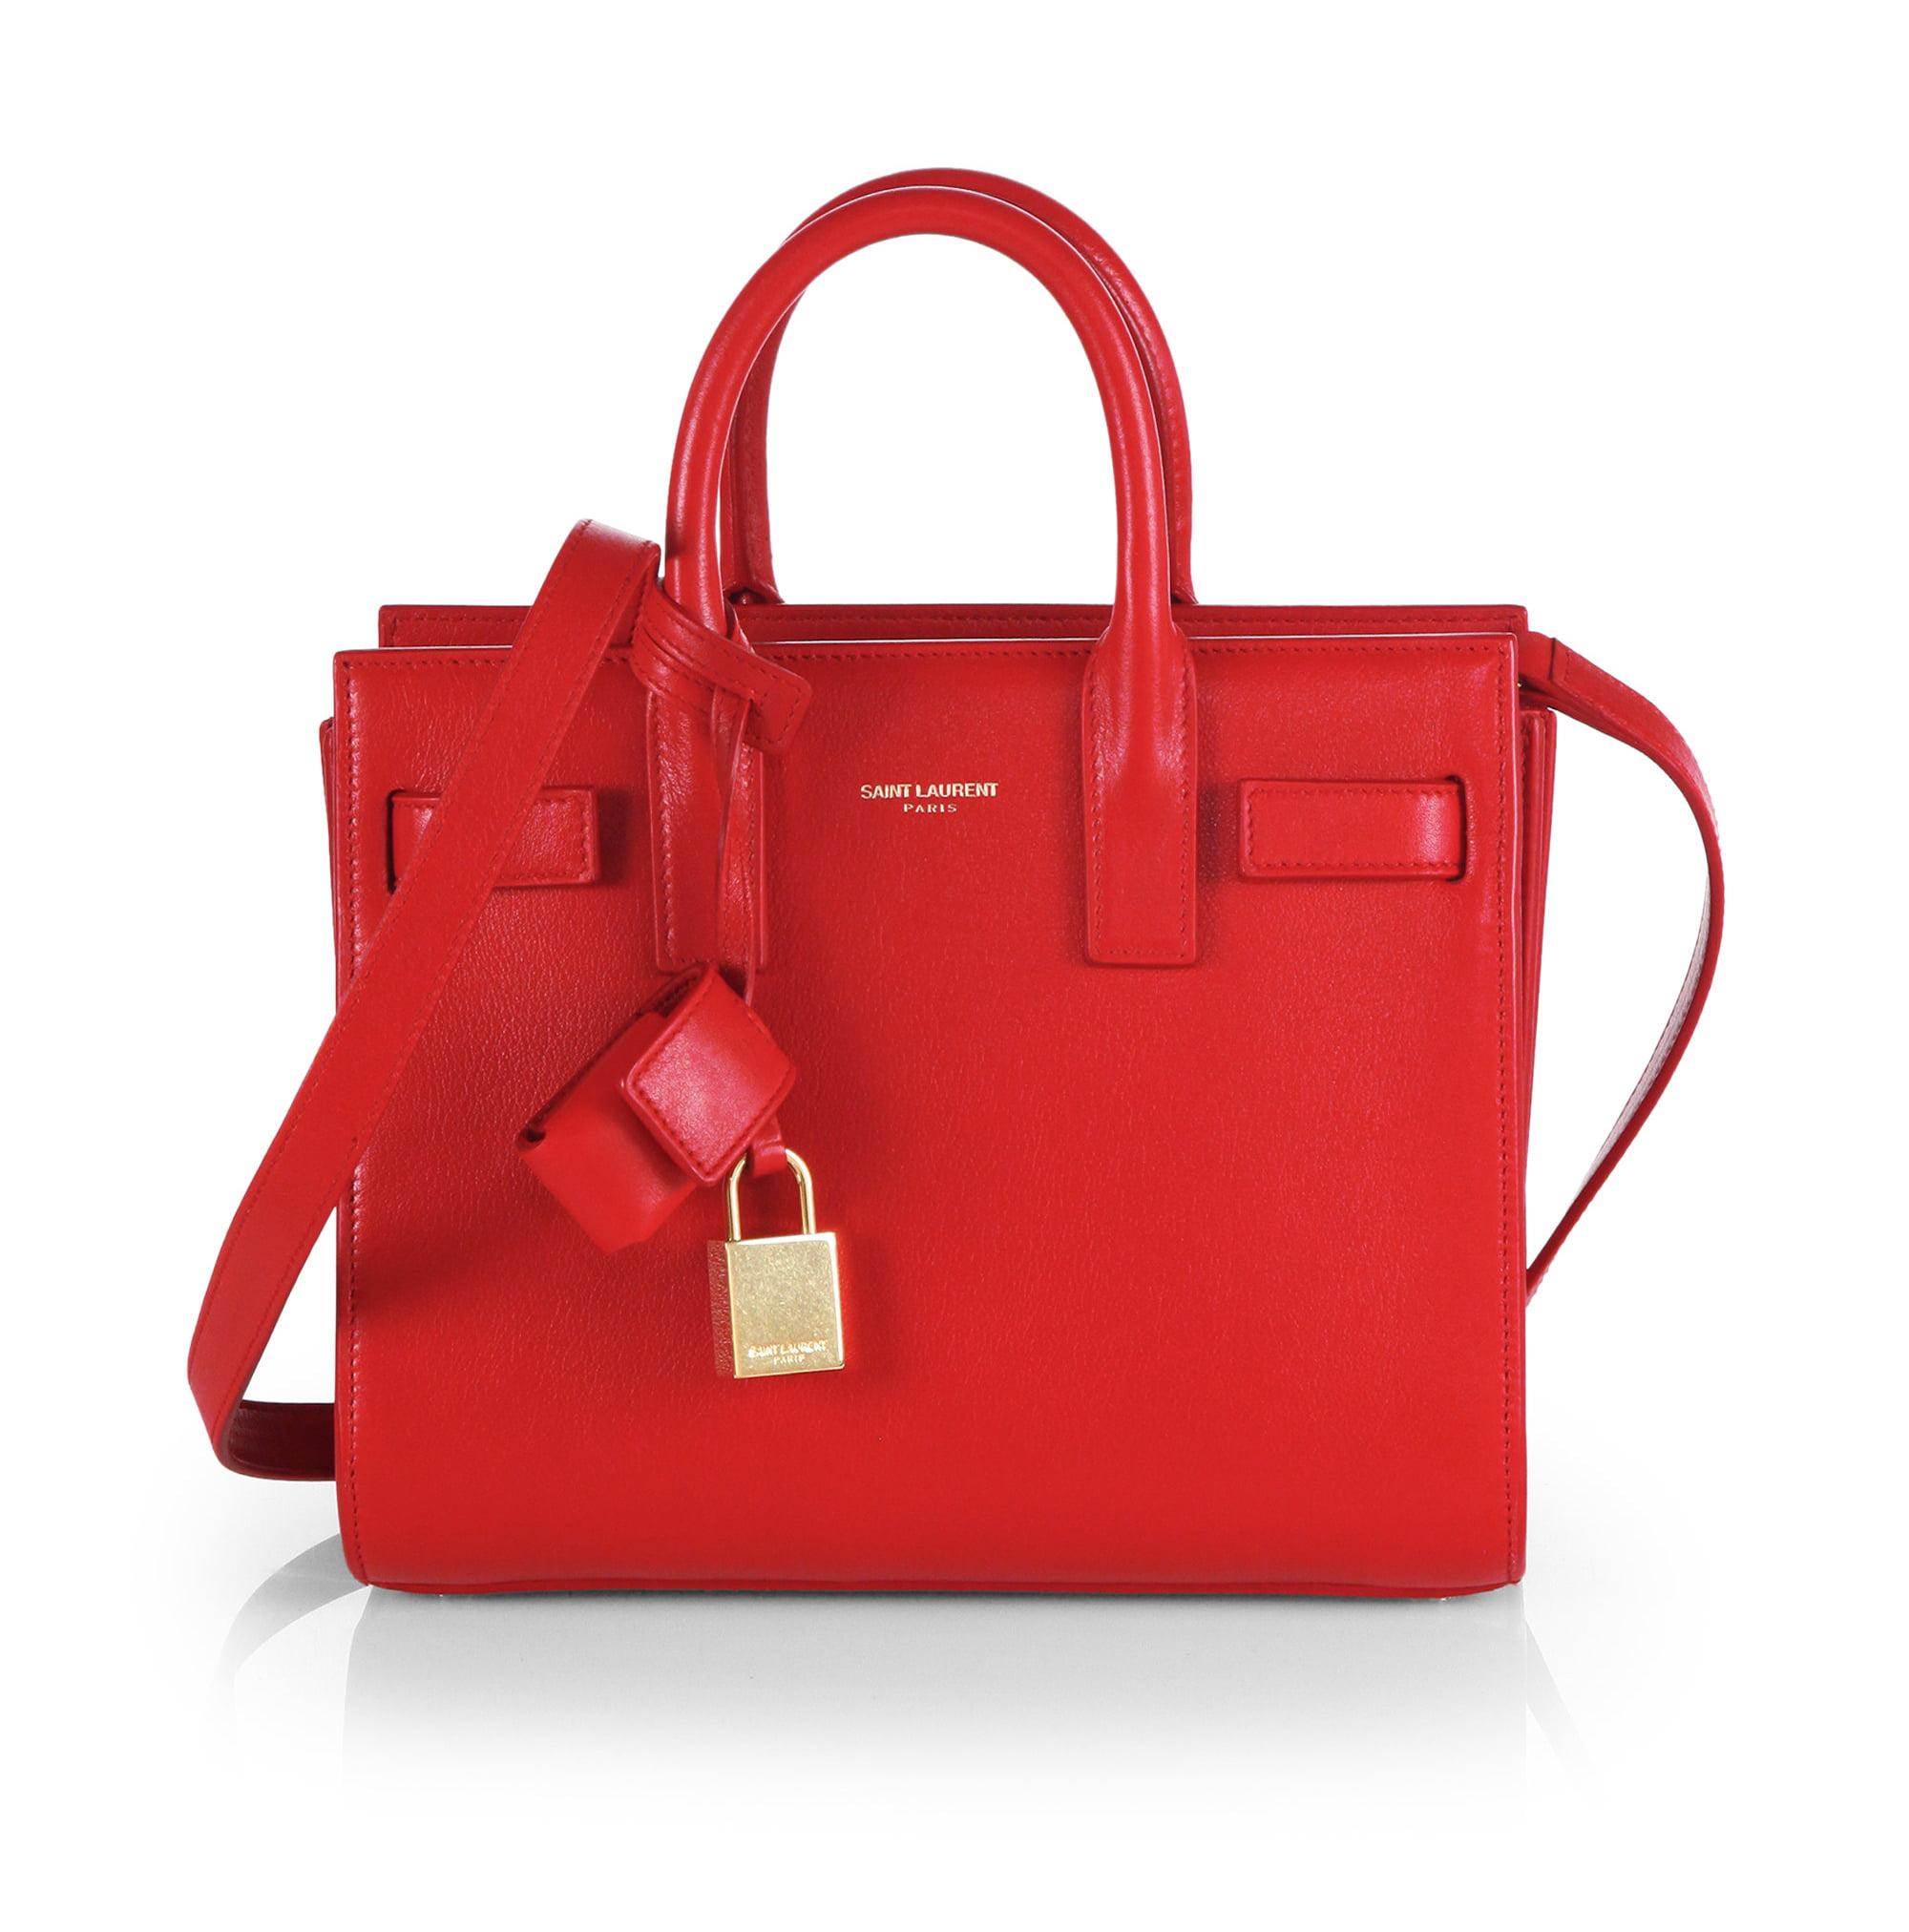 saint-laurent-red-mini-sac-de-jour-tote-product-1-21296118-0-331342588-normal